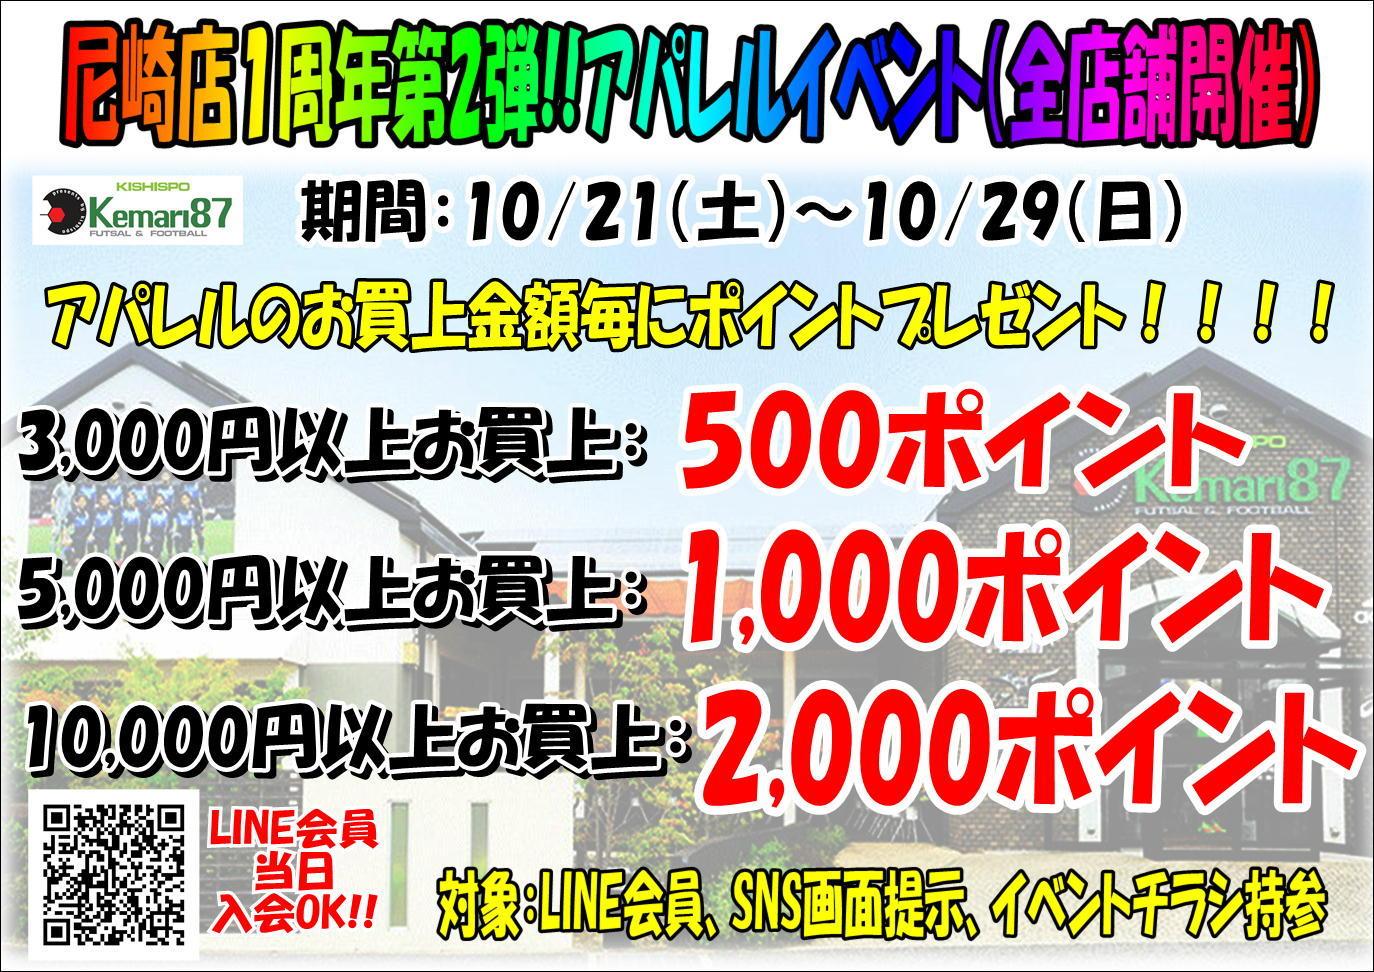 尼崎店1周年イベント第2弾!!ポイントバックキャンペーン!!_e0157573_10271872.jpg